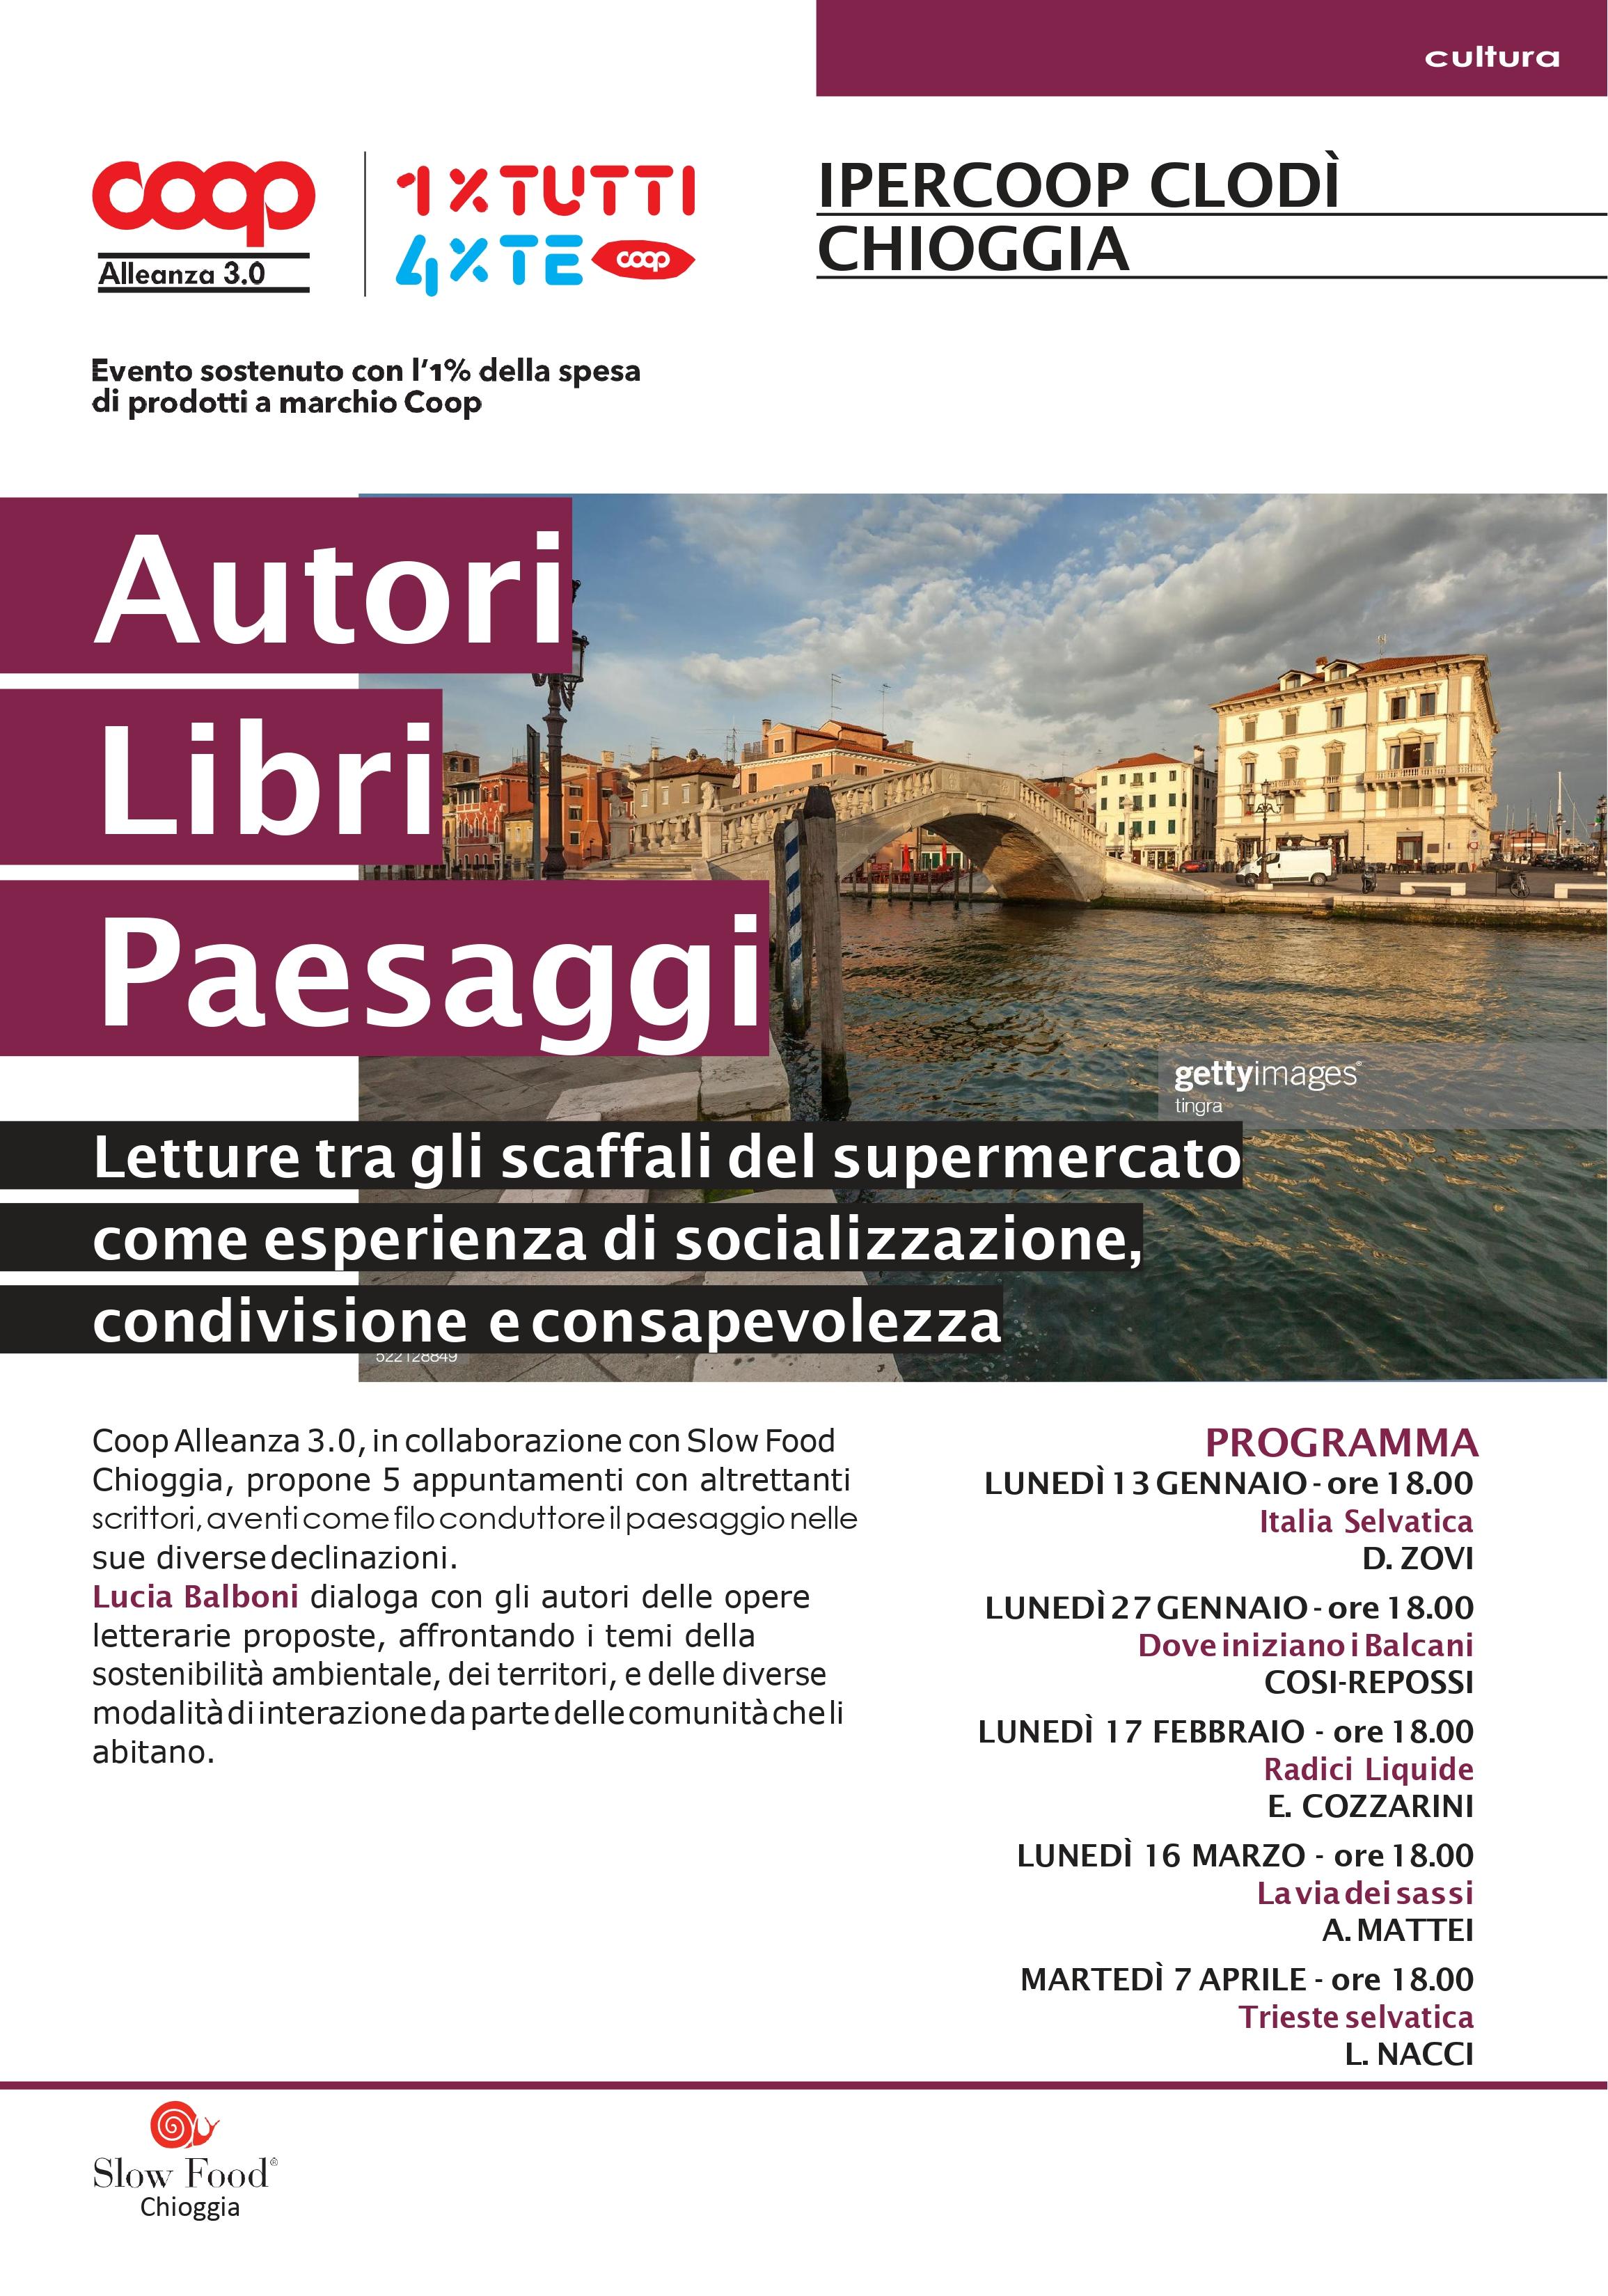 Autori libri paesaggi ChioggiaNEW_page-0001